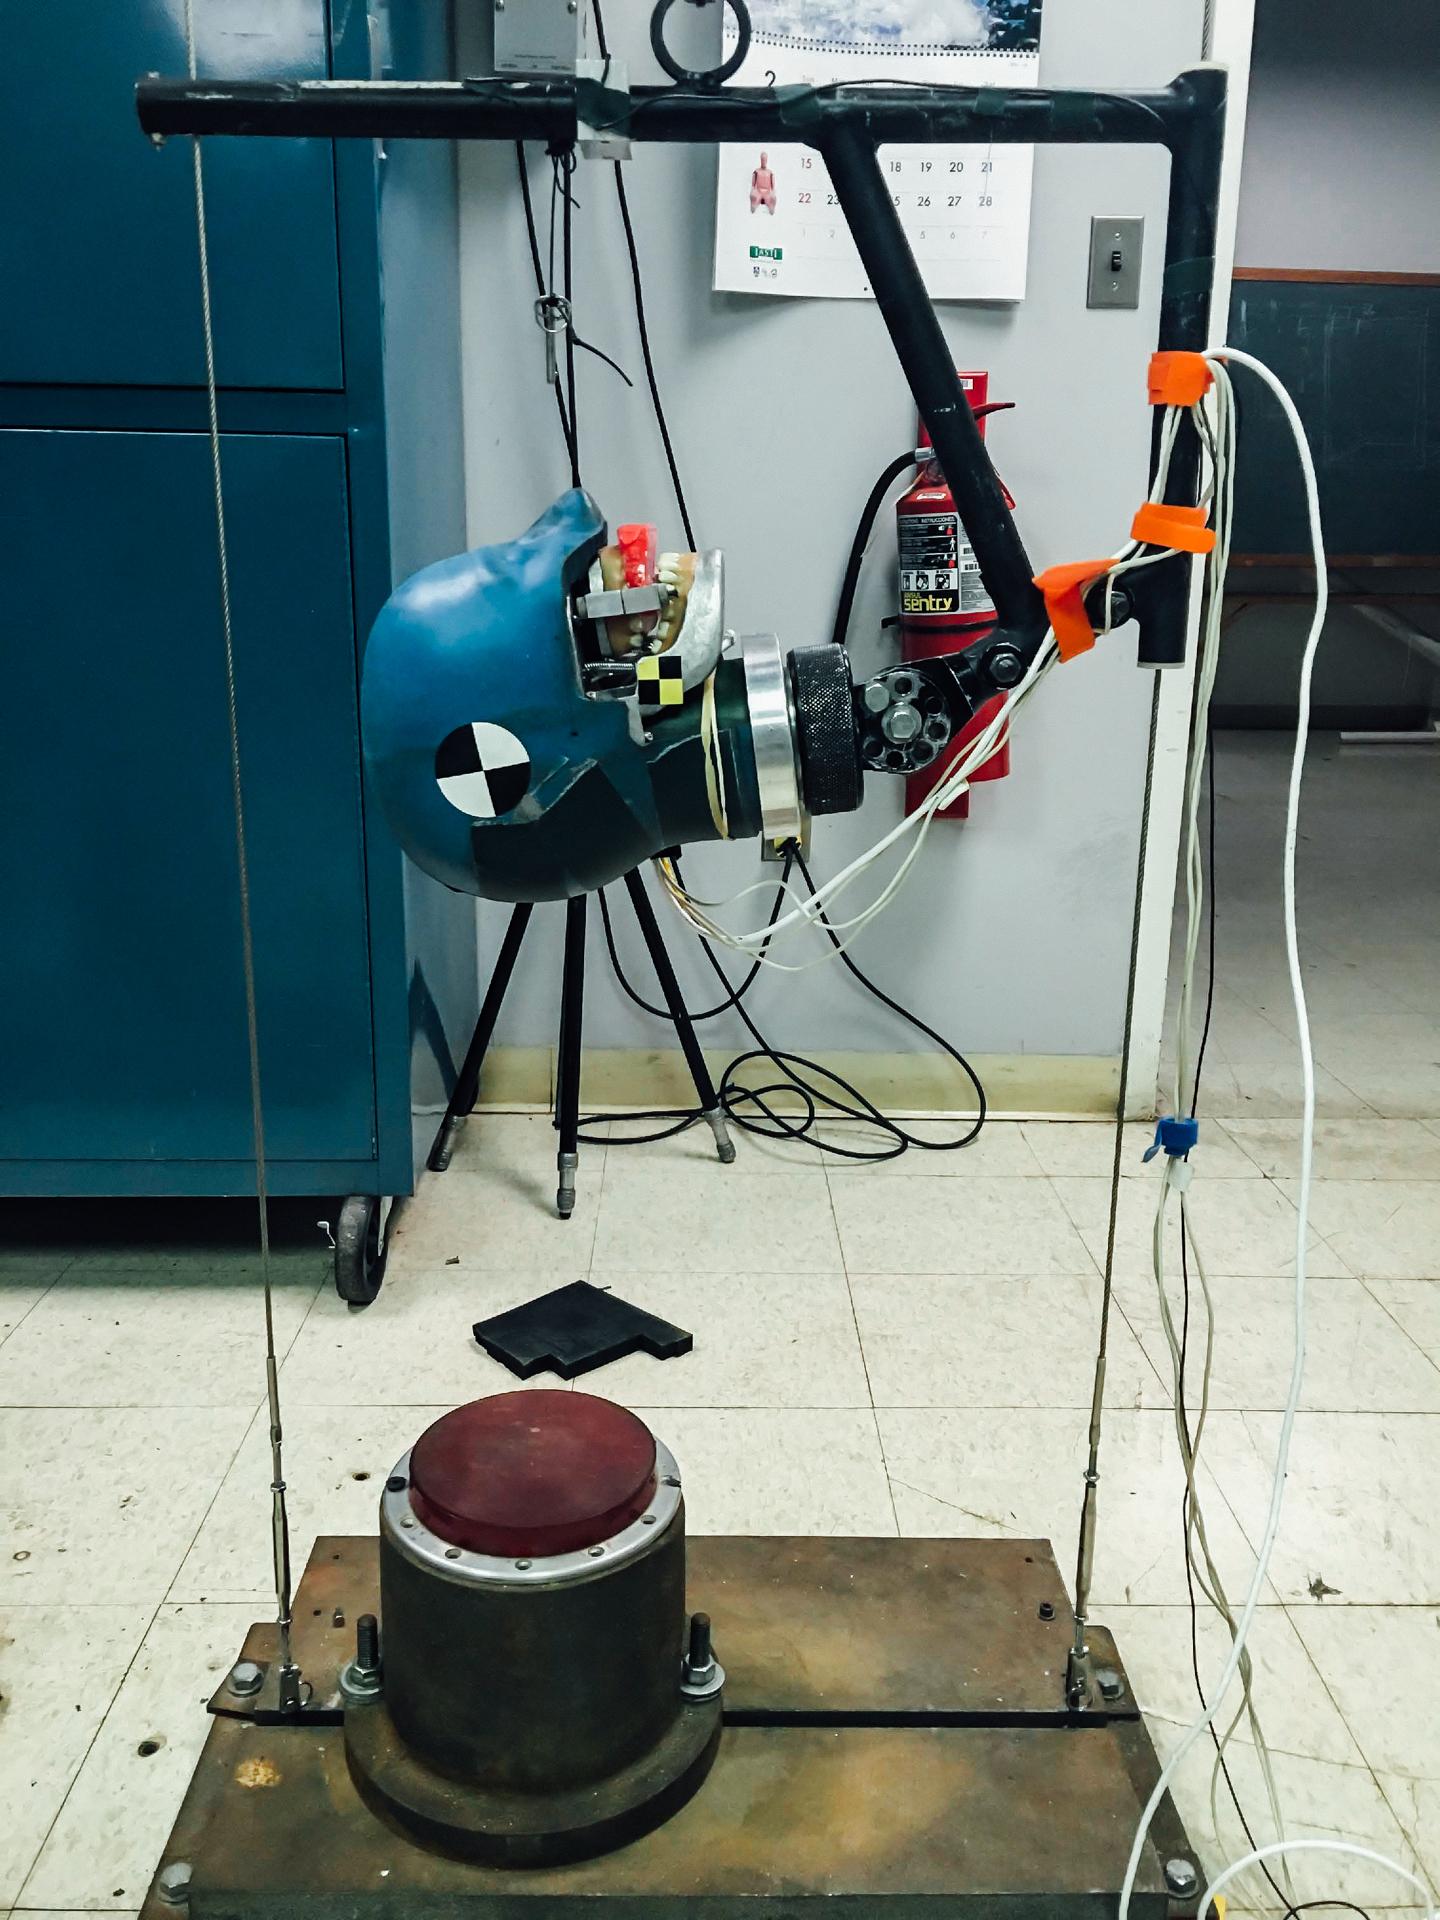 Figure 2a: Headform drop system